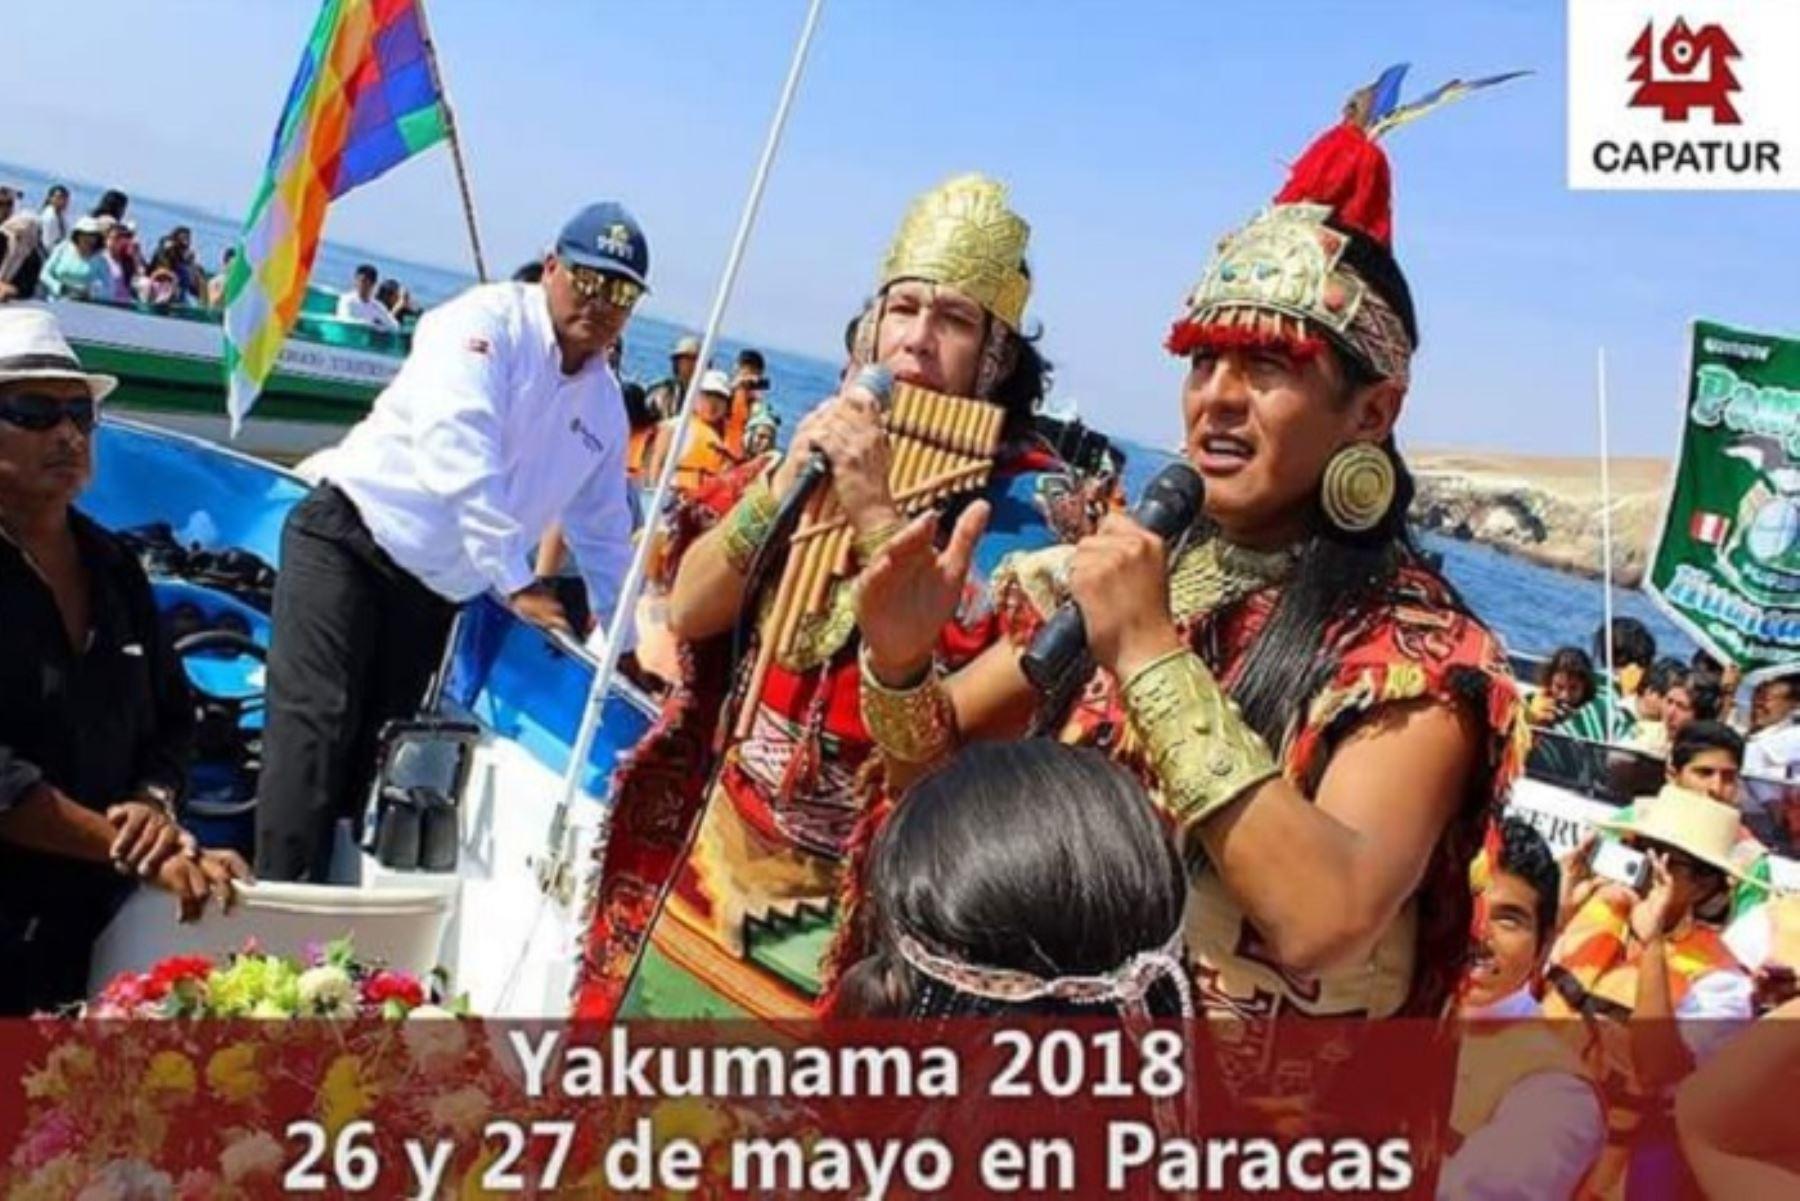 En el pago al mar participarán los mismos actores que escenificarán el Inti Raymi (Fiesta del Sol) en Cusco.